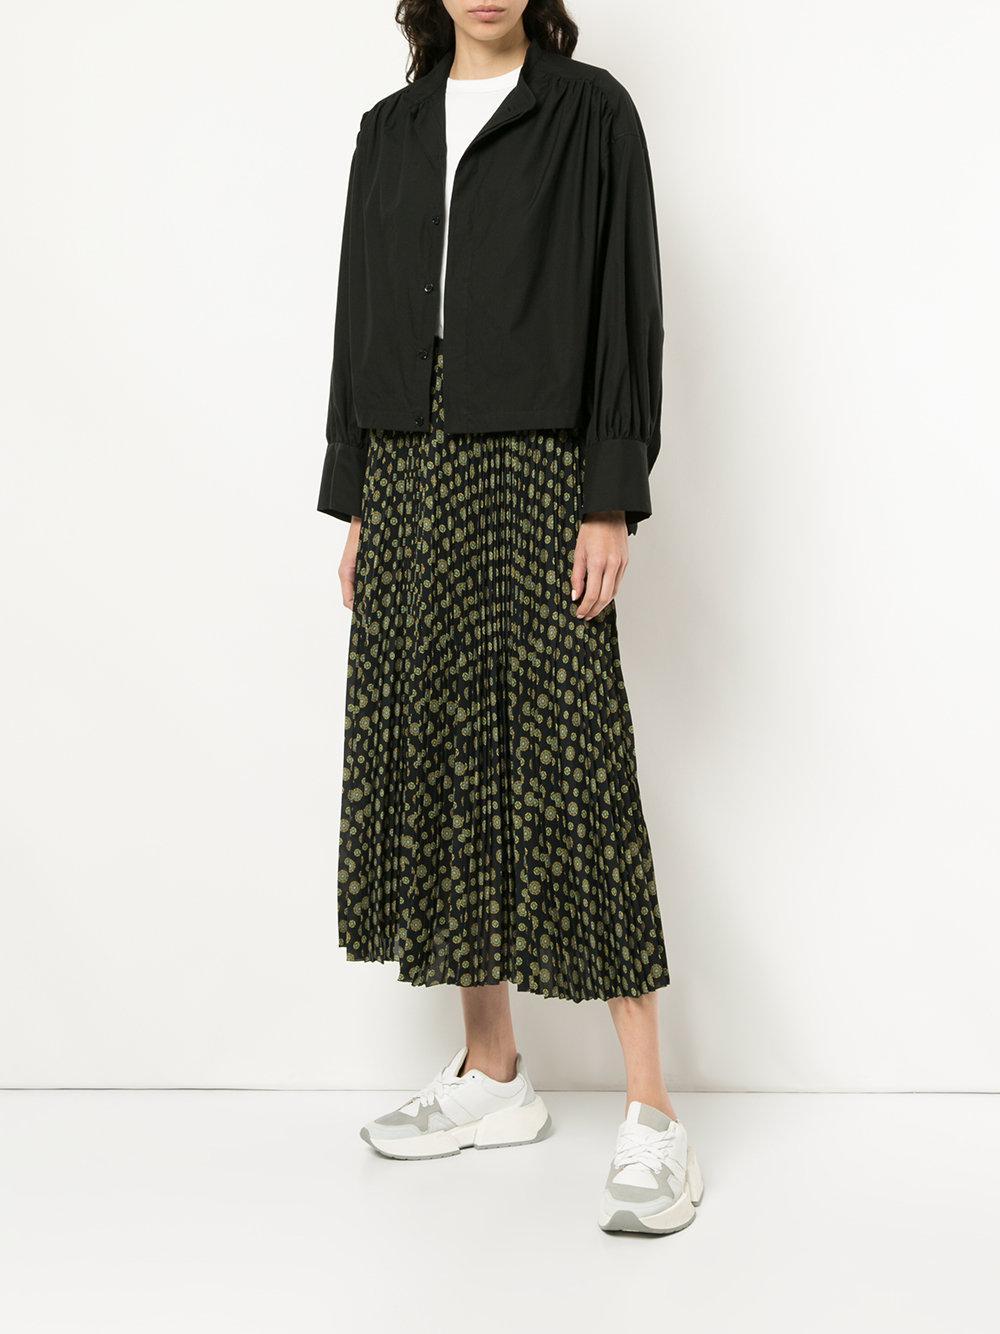 Astraet Cotton Mandarin Collar Boxy Shirt in Black